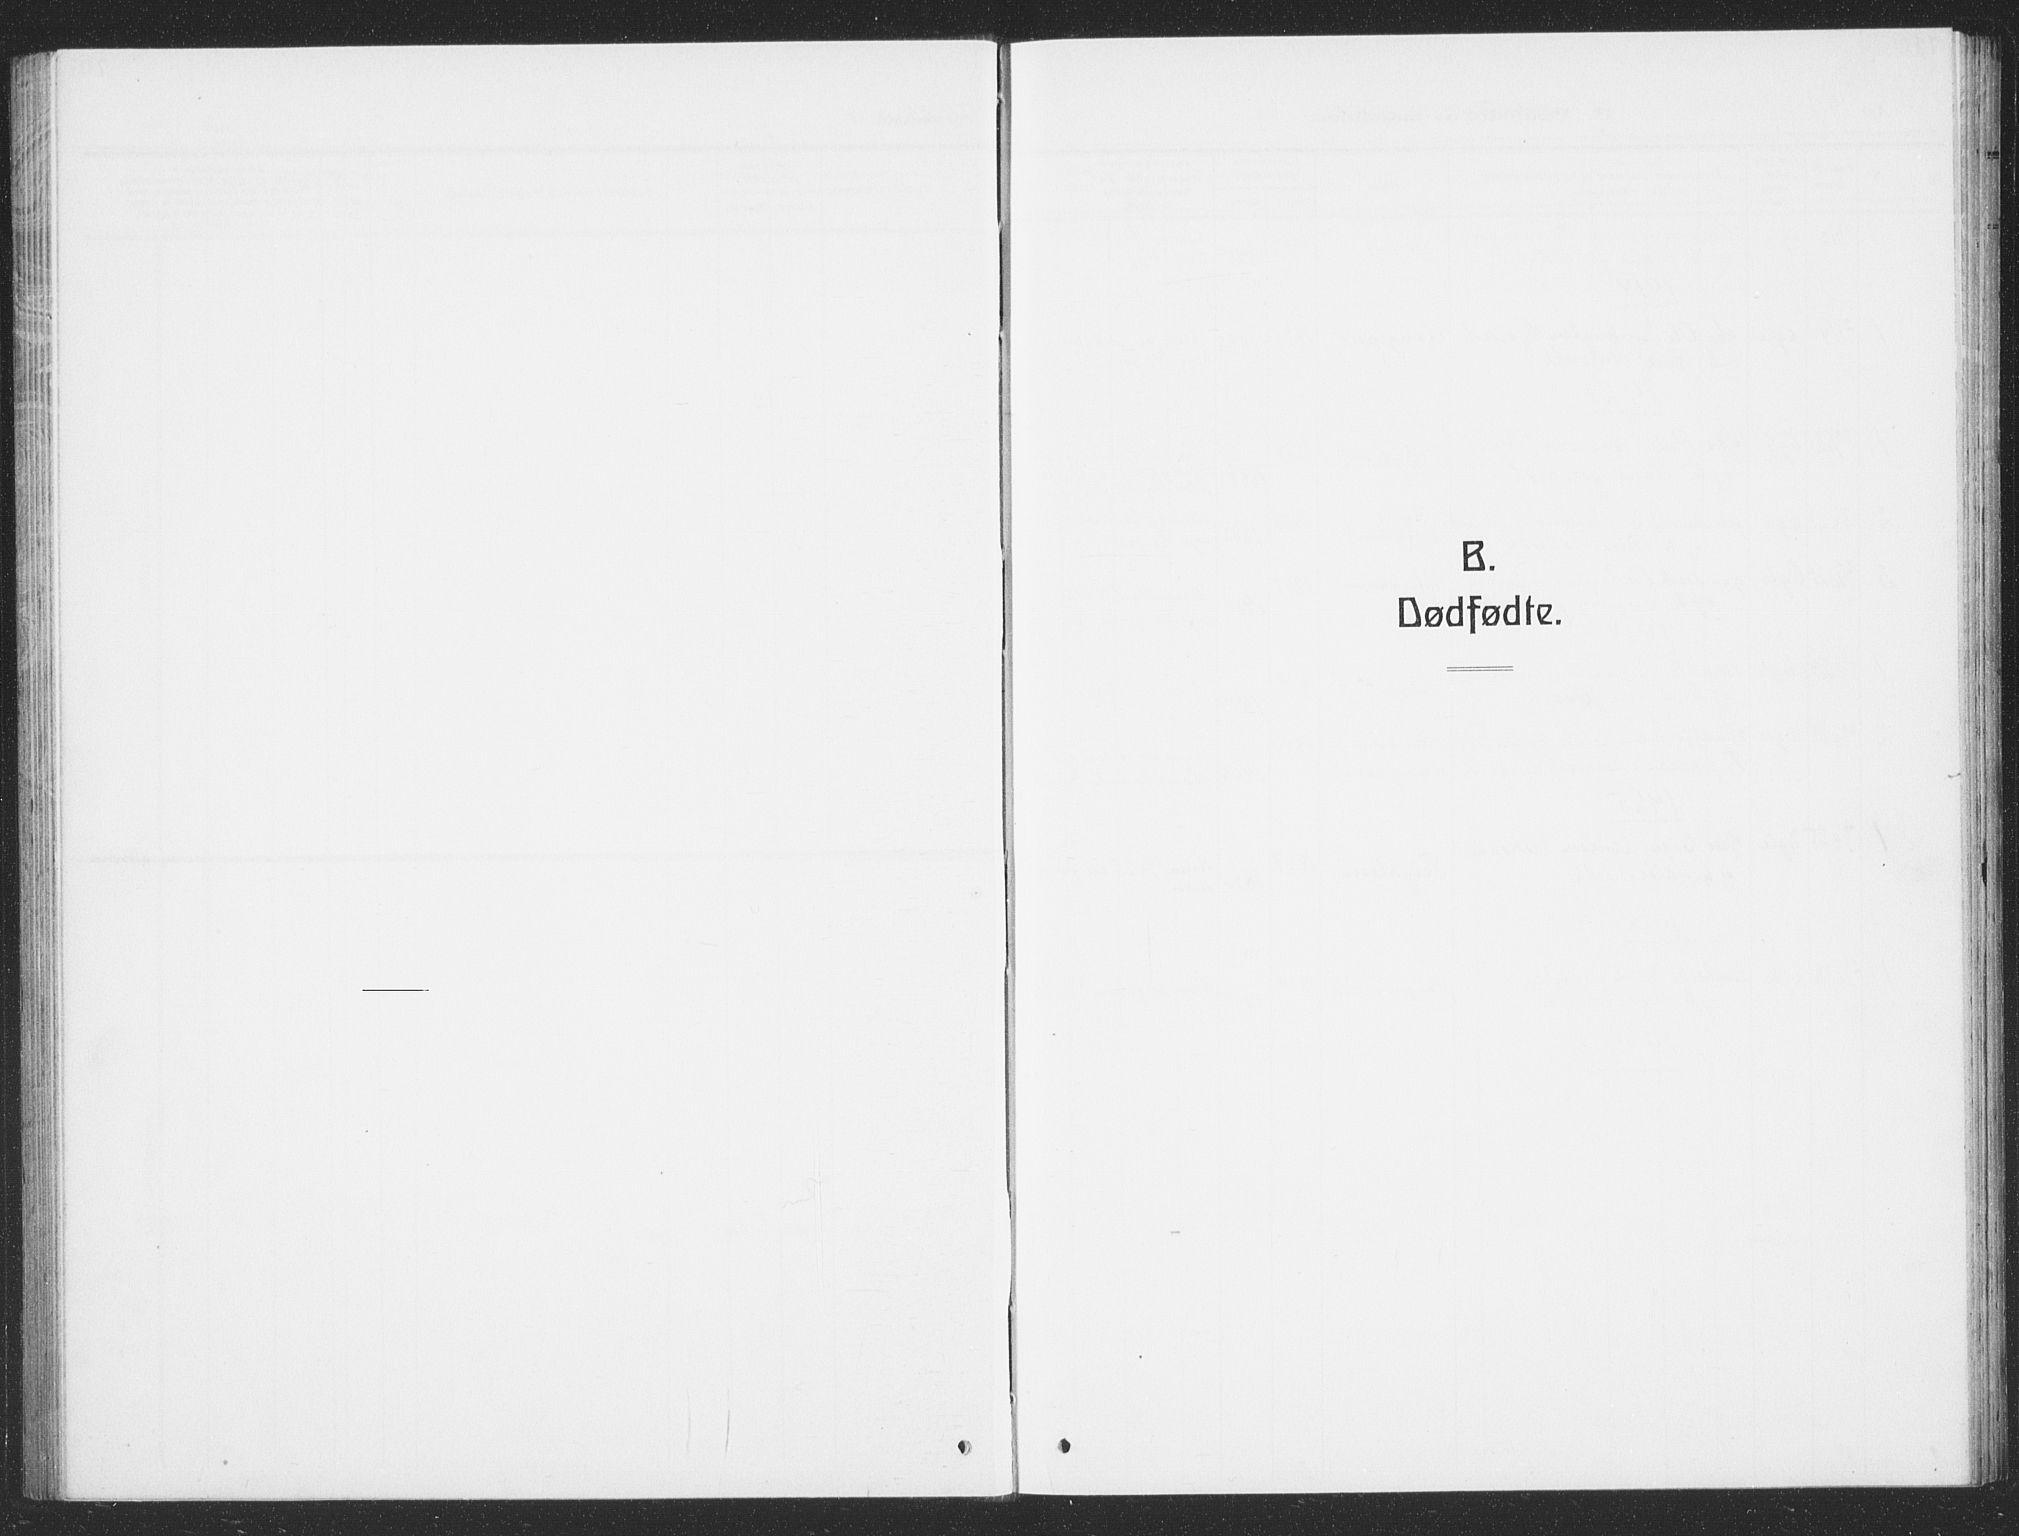 SAT, Ministerialprotokoller, klokkerbøker og fødselsregistre - Sør-Trøndelag, 693/L1124: Klokkerbok nr. 693C05, 1911-1941